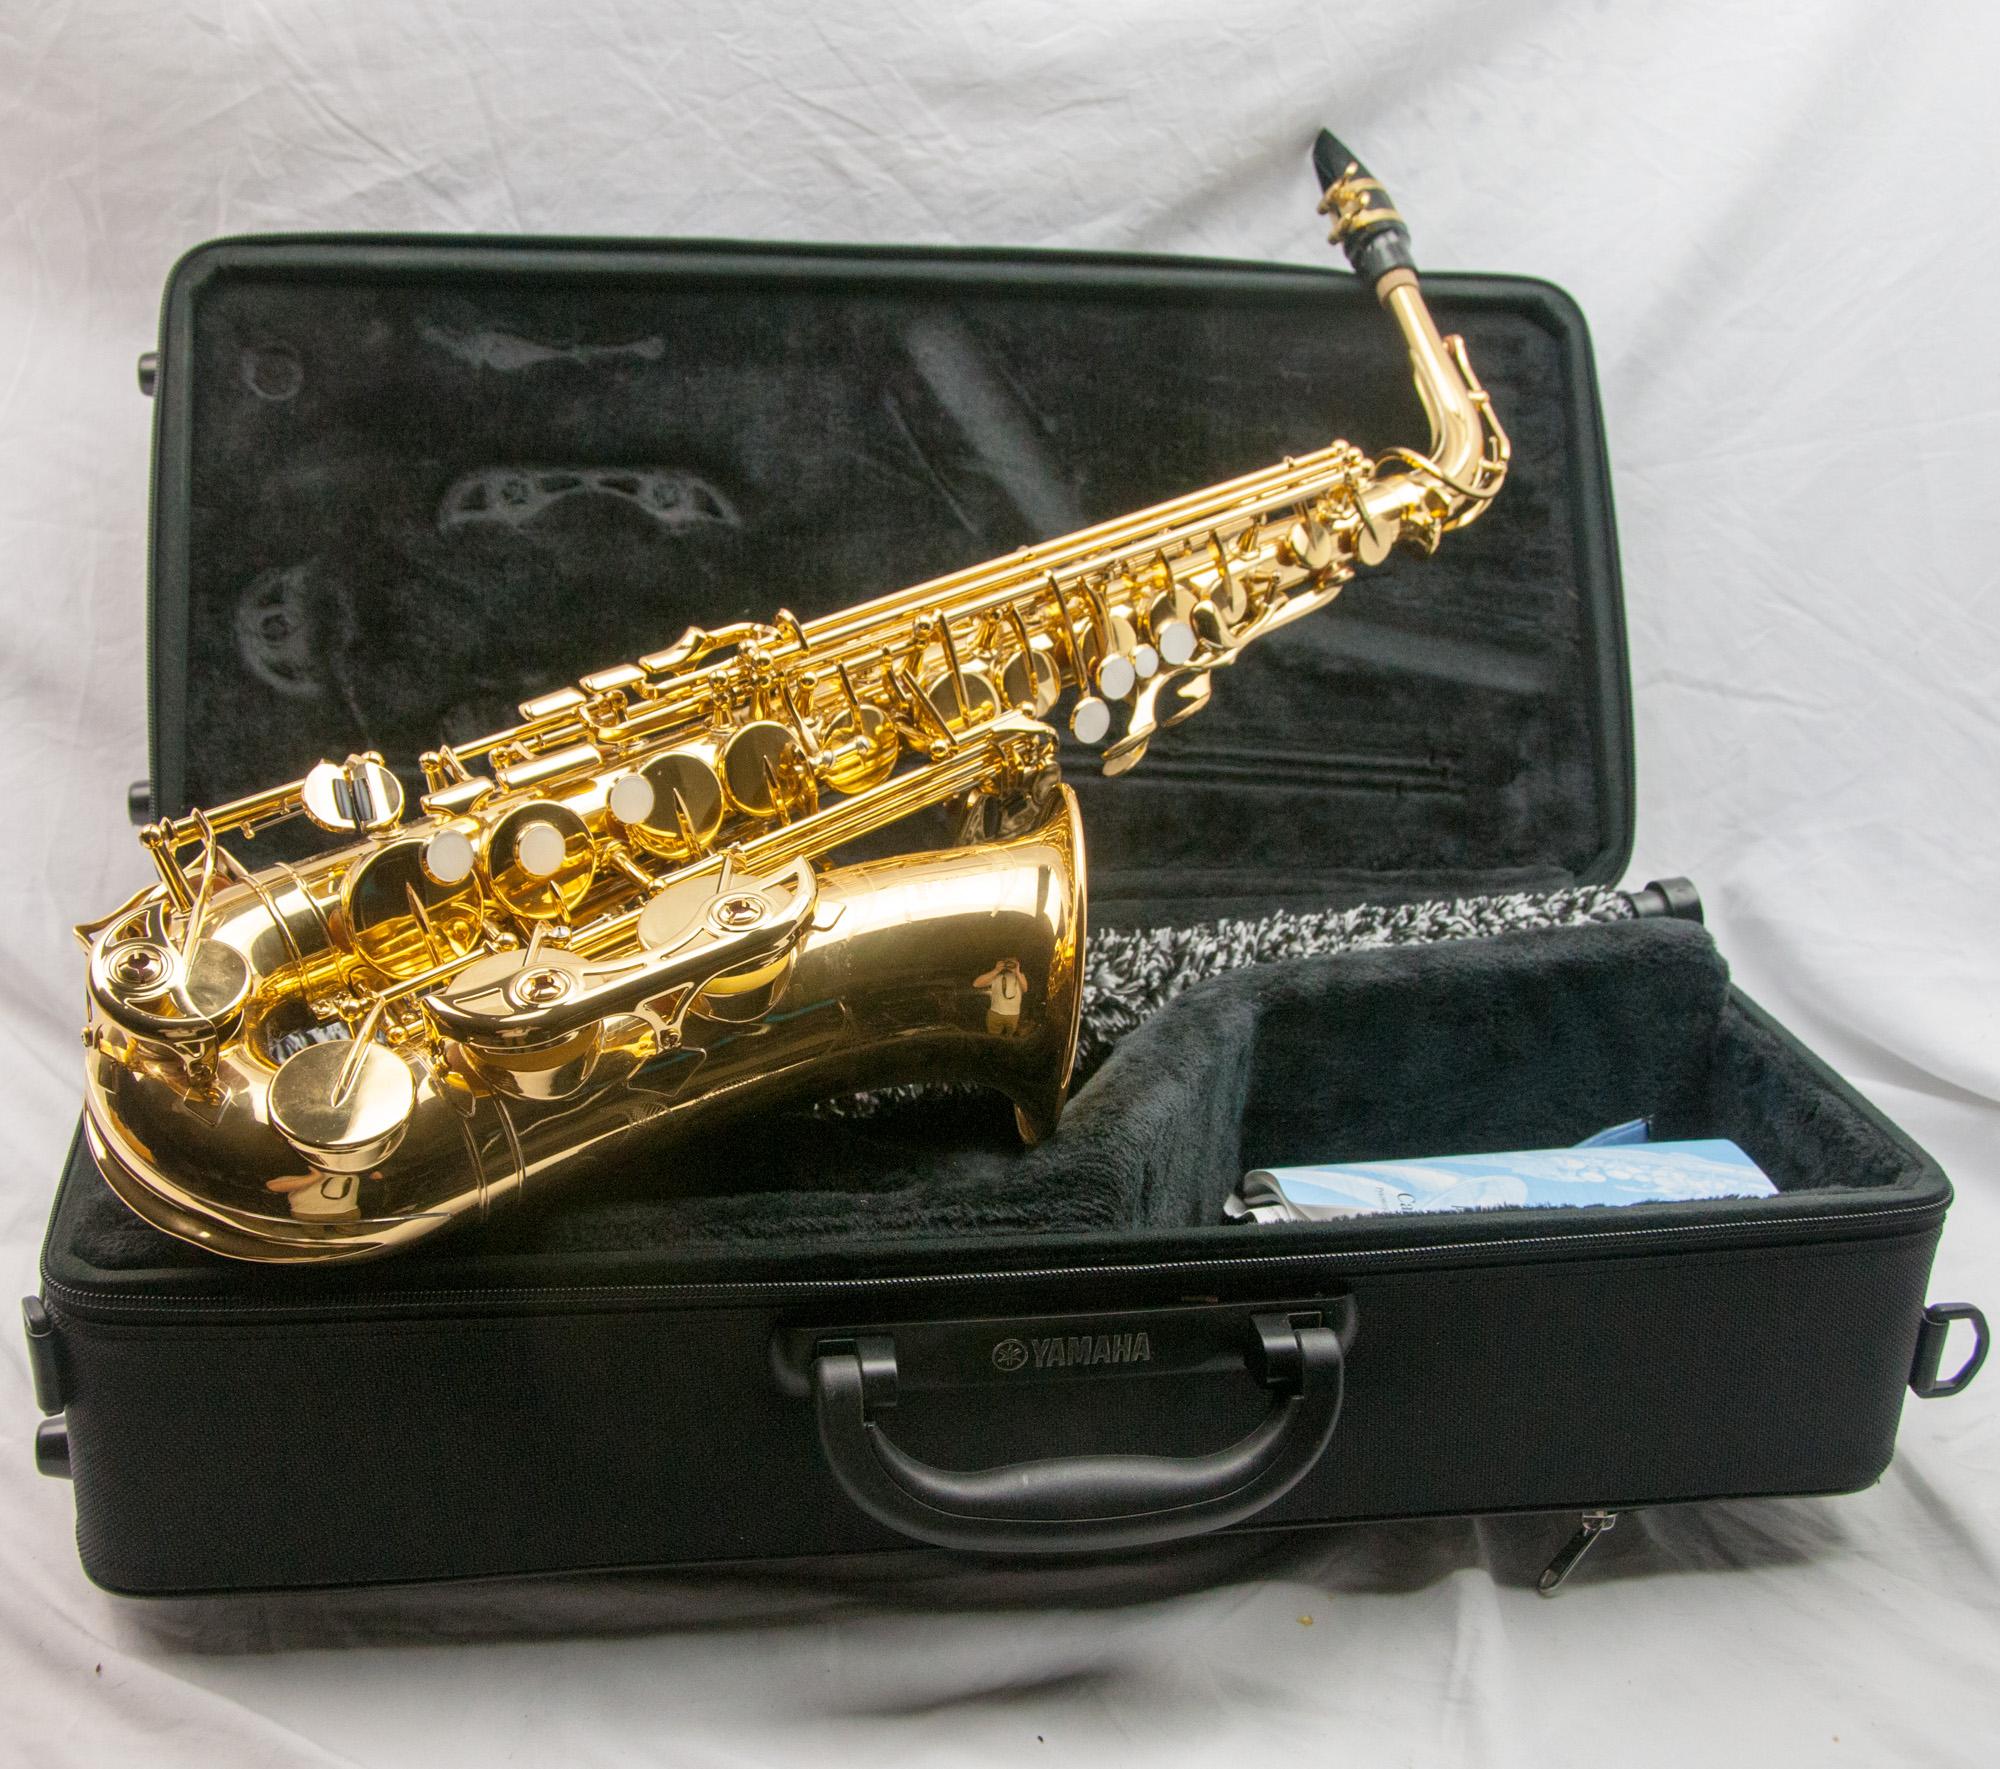 Yamaha YAS-480 Alto Saxophone (Used) #U17965